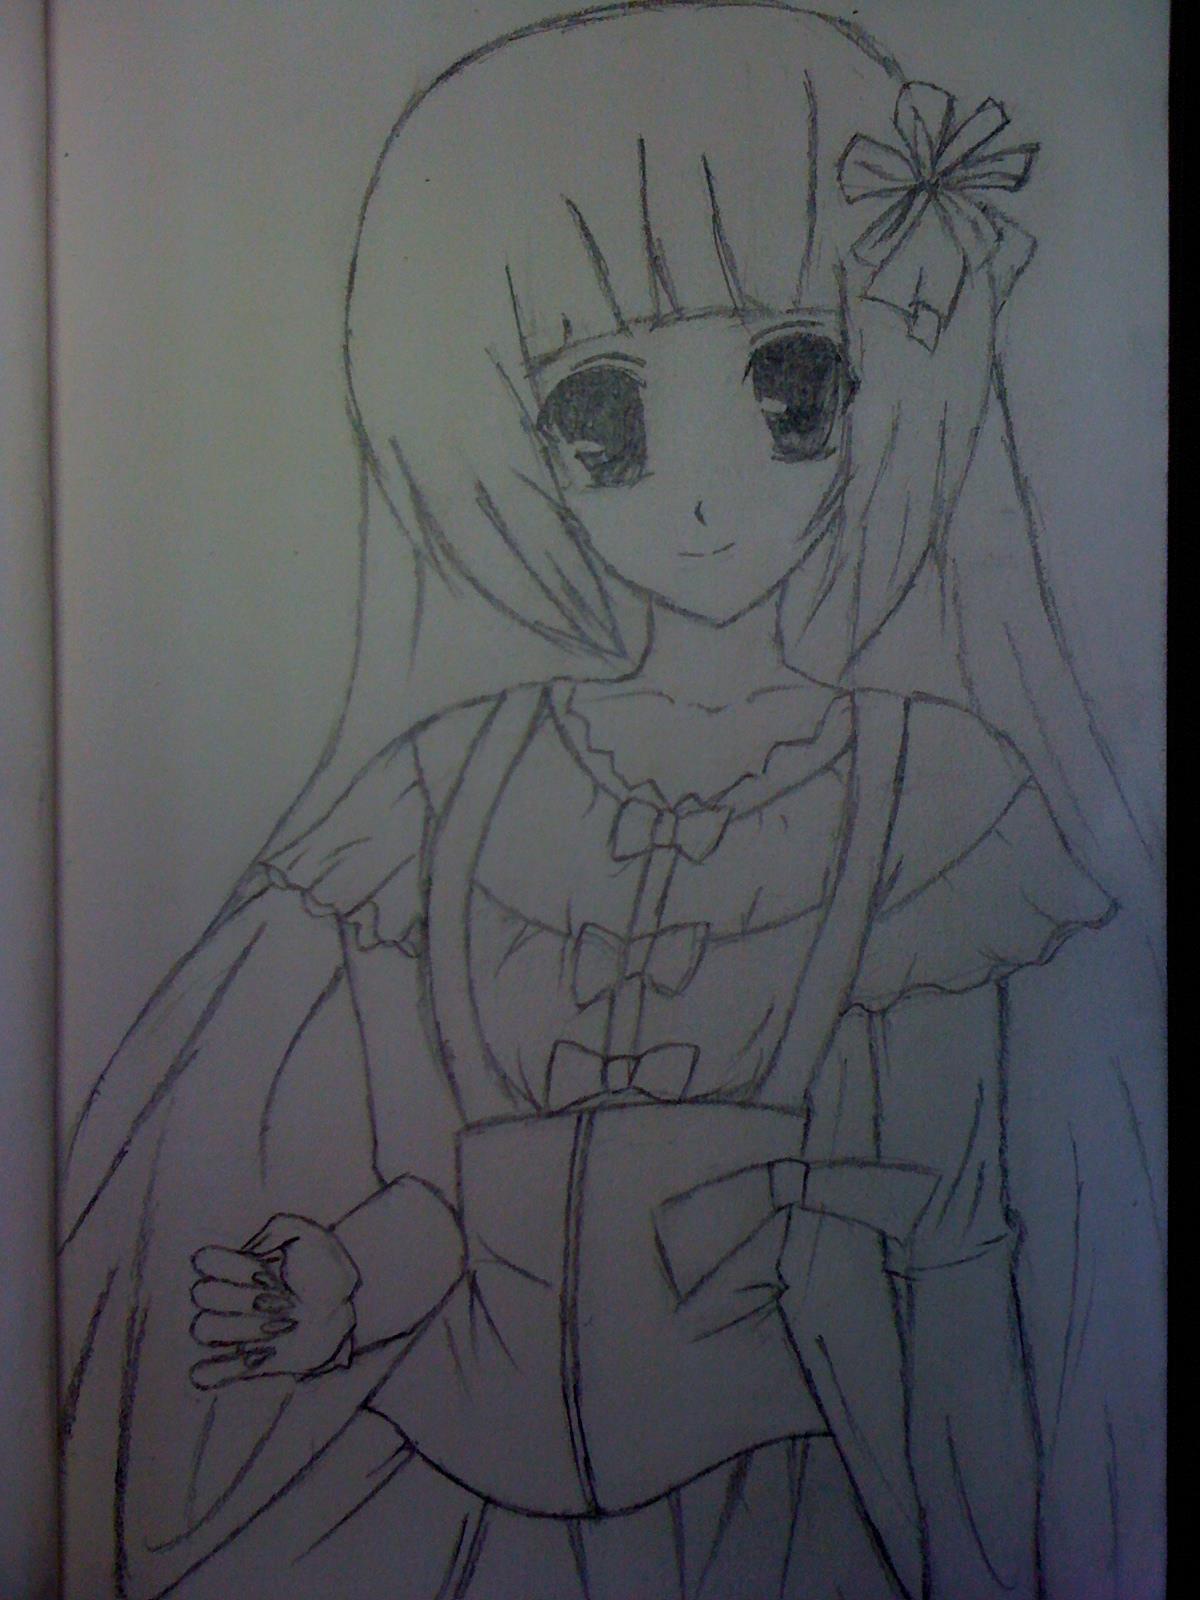 【彩蝶】教你怎样画萌系美少女~~喜欢画画的孩纸